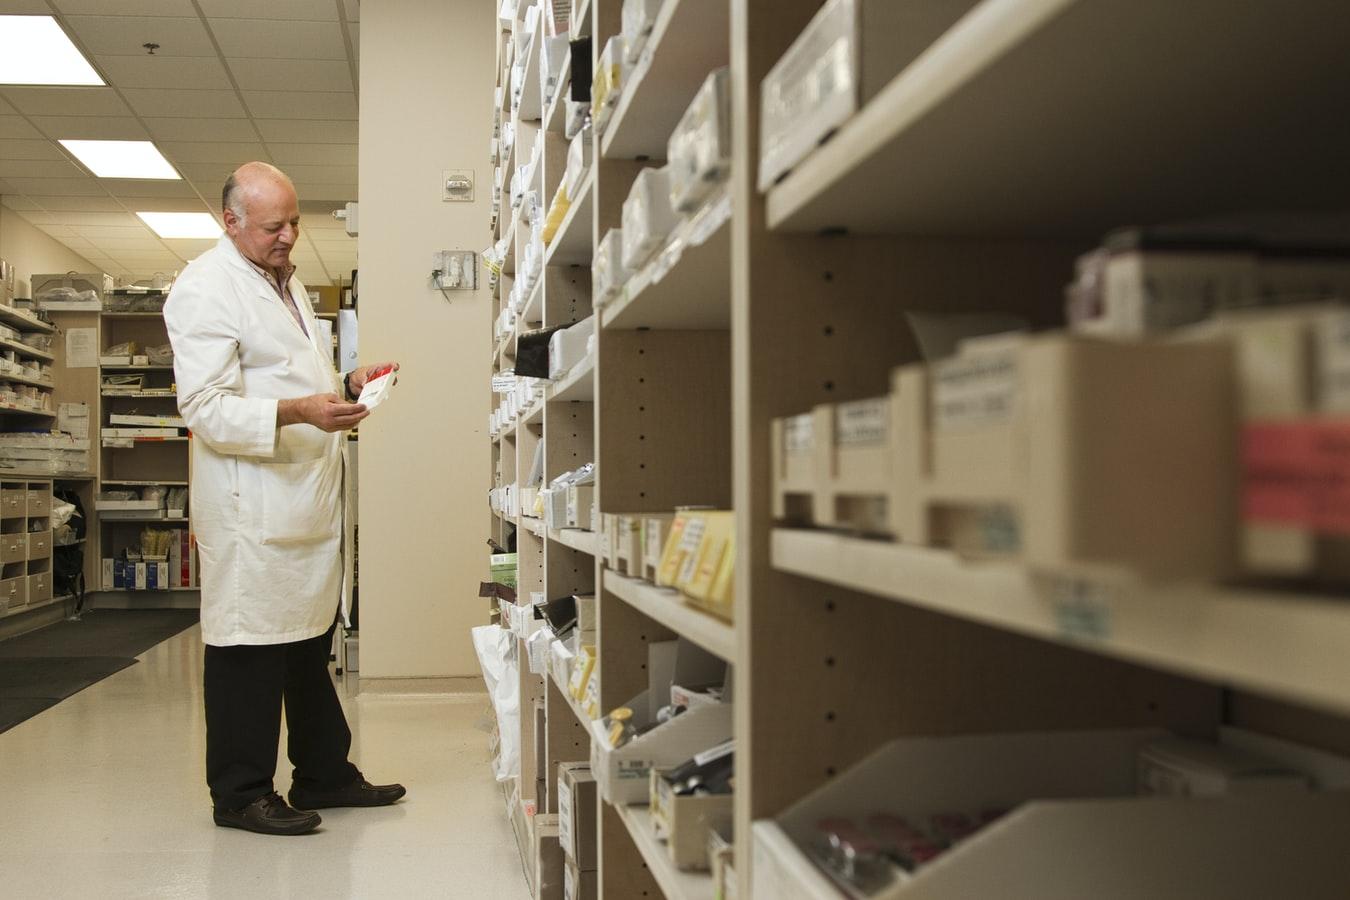 Pharmacist standing in front of shelves